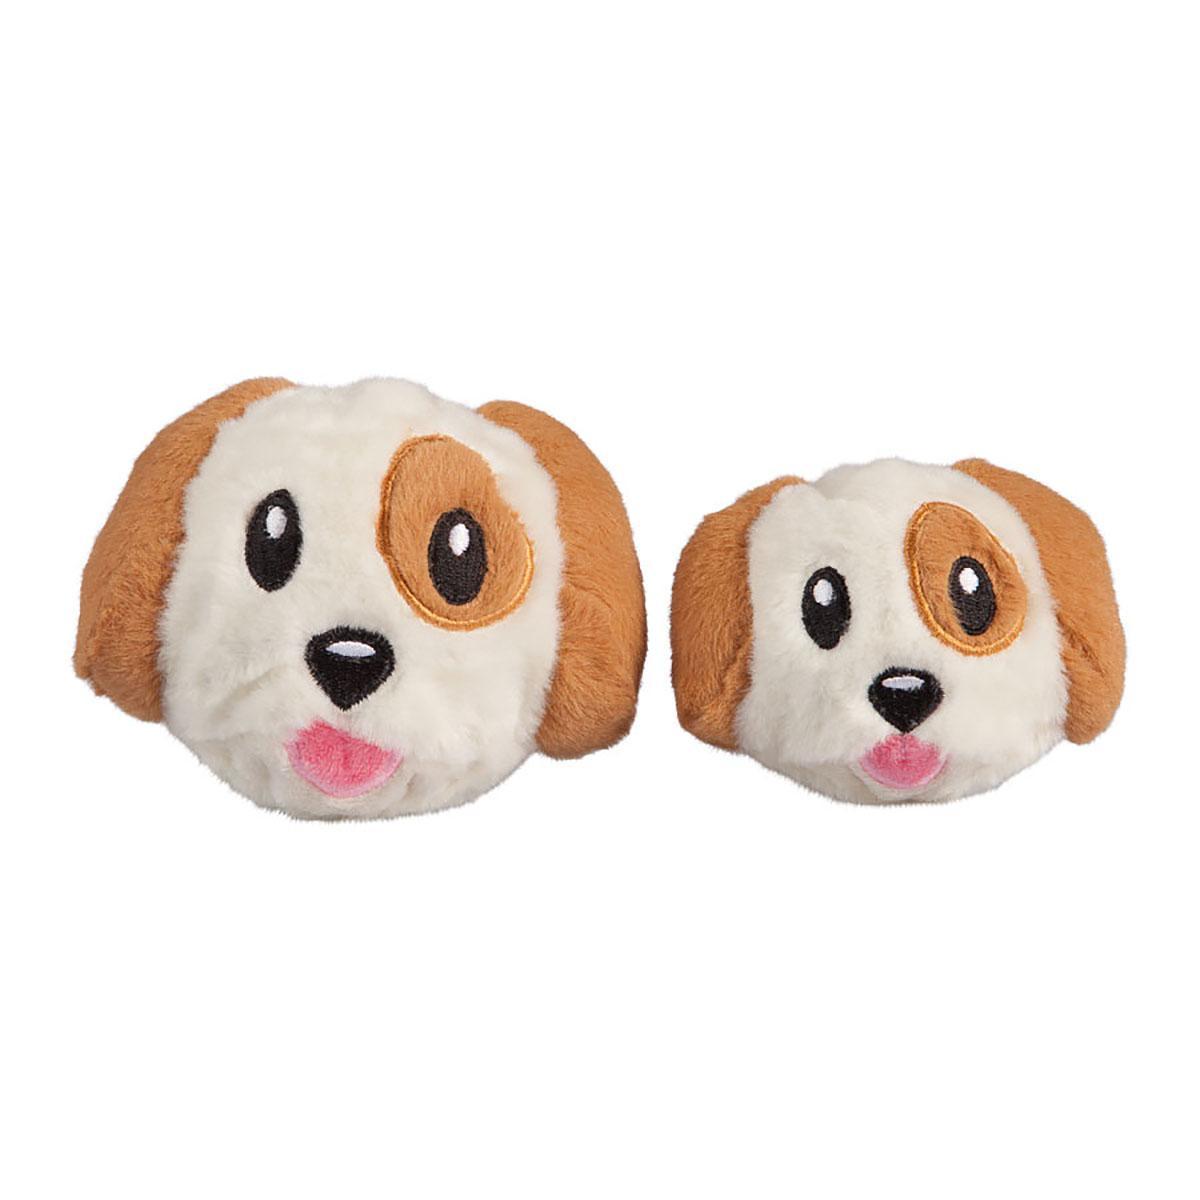 fabdog® Dog Emoji faball® Dog Toy